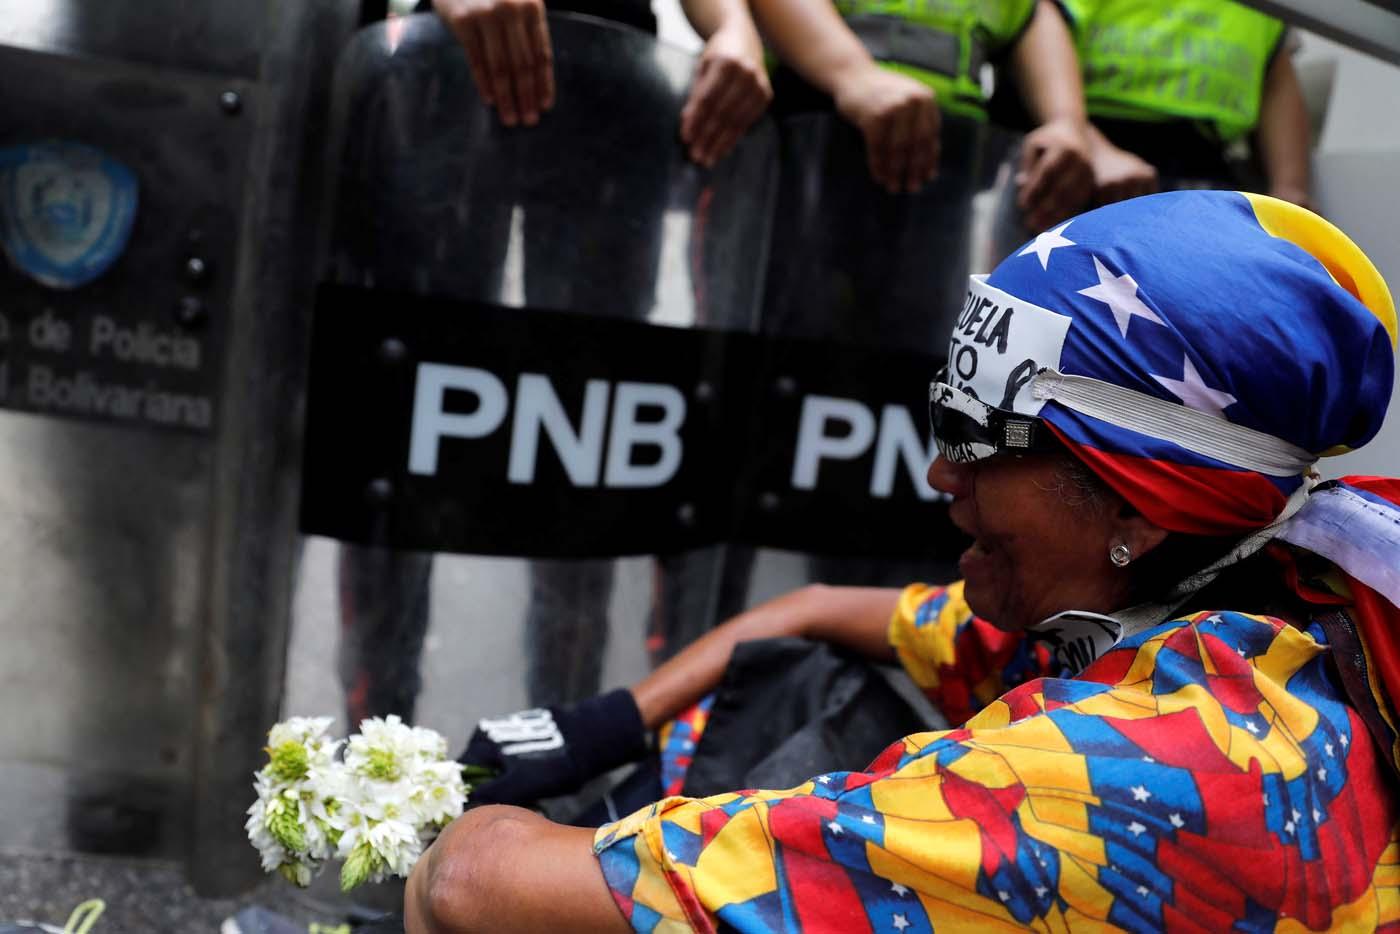 Resultado de imagen para Marcha de las mujeres en venezuela 6 de mayo 2017